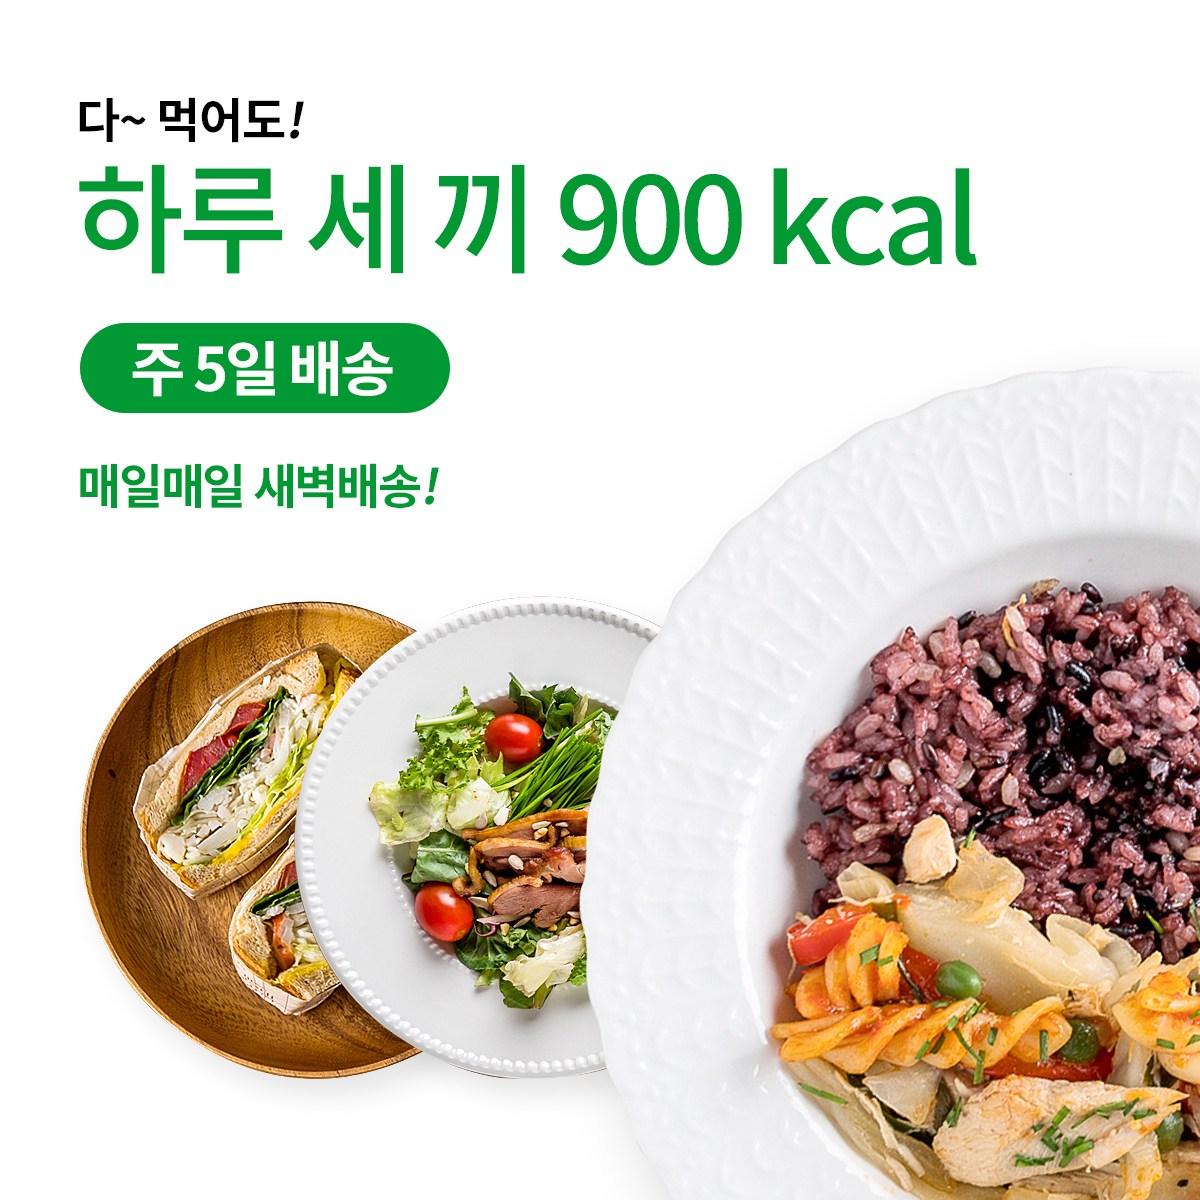 슬림쿡 [정기배송] 하루 약 900칼로리 식단관리 도시락 X 1주, 단품